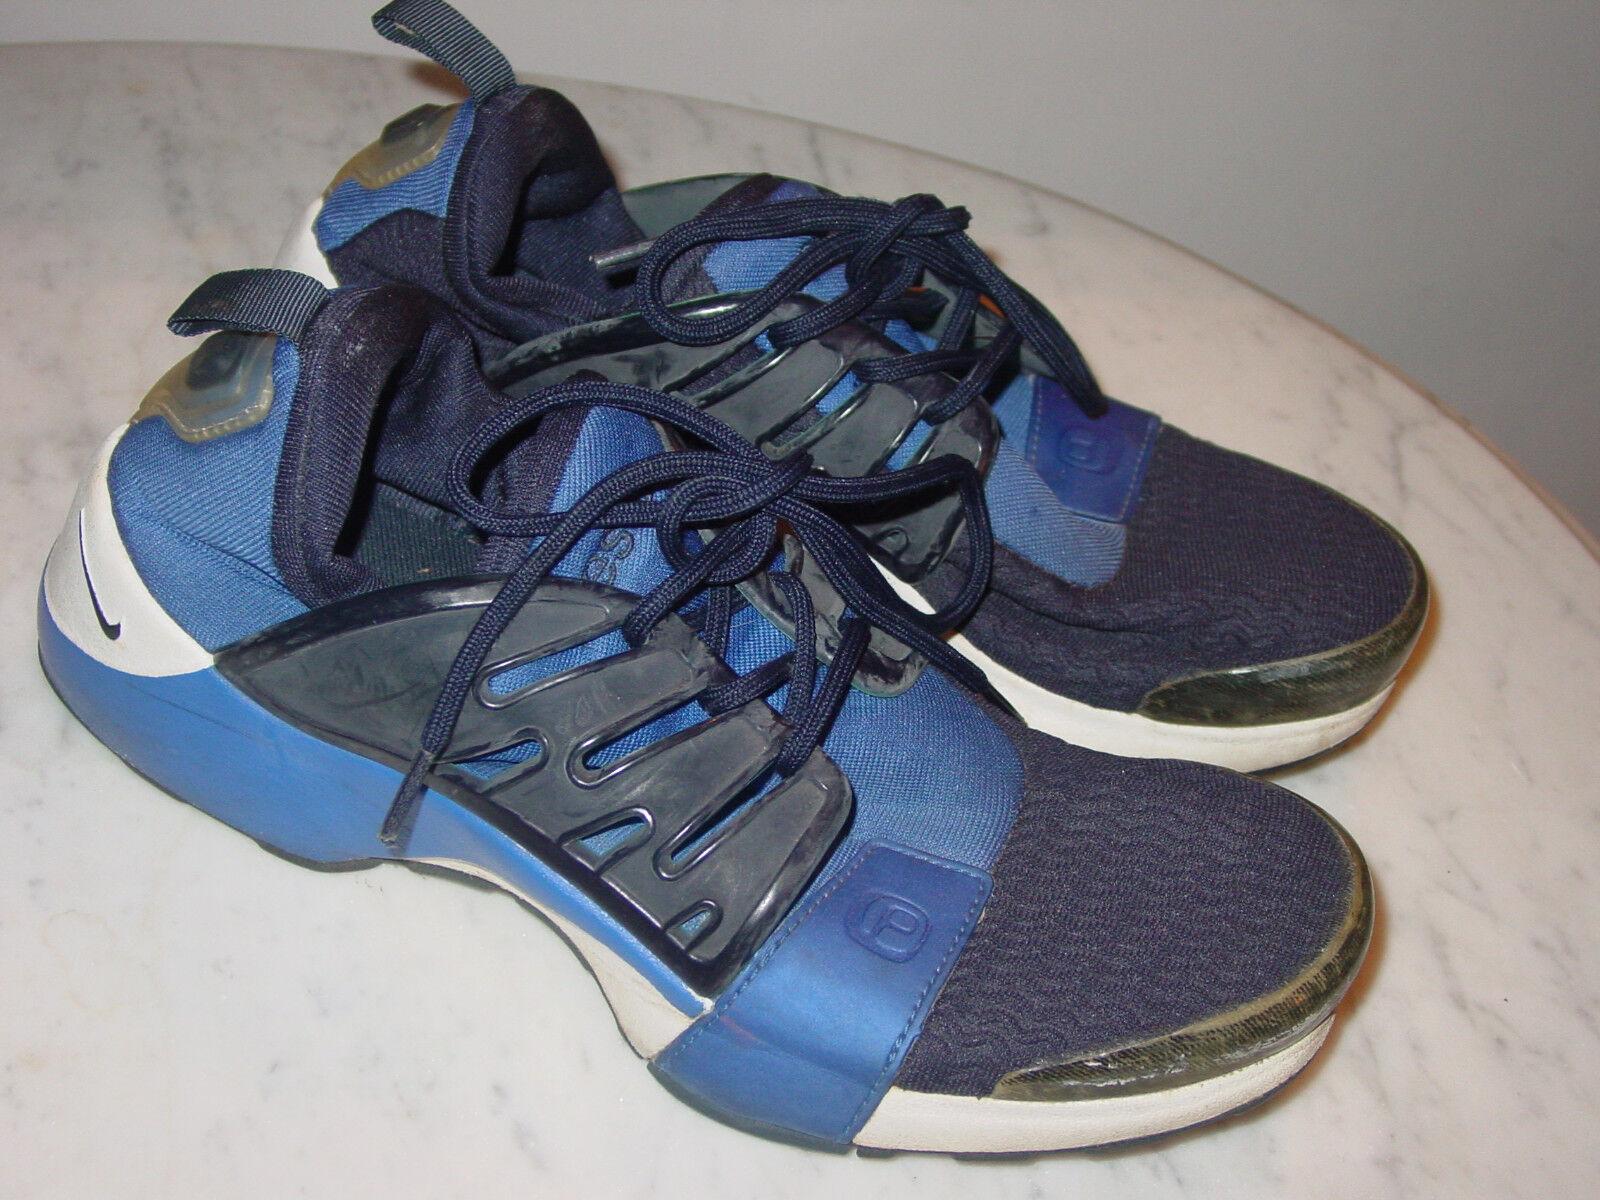 2001 nike air presto blu / bianco in basso le scarpe da corsa!dimensioni m (10 - 11)